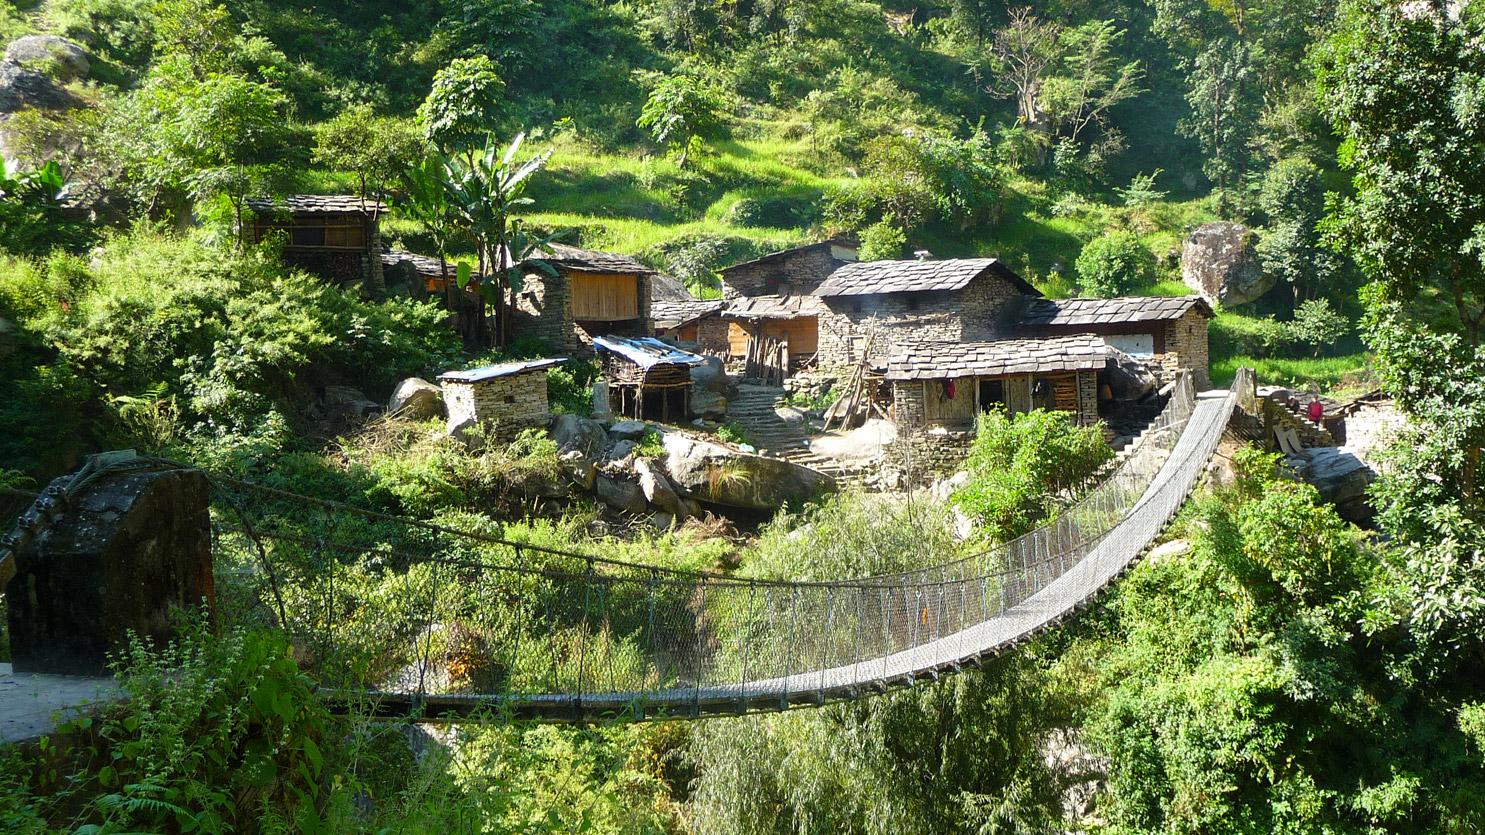 Traversée de pont pour rejoindre le village de Korla Besi